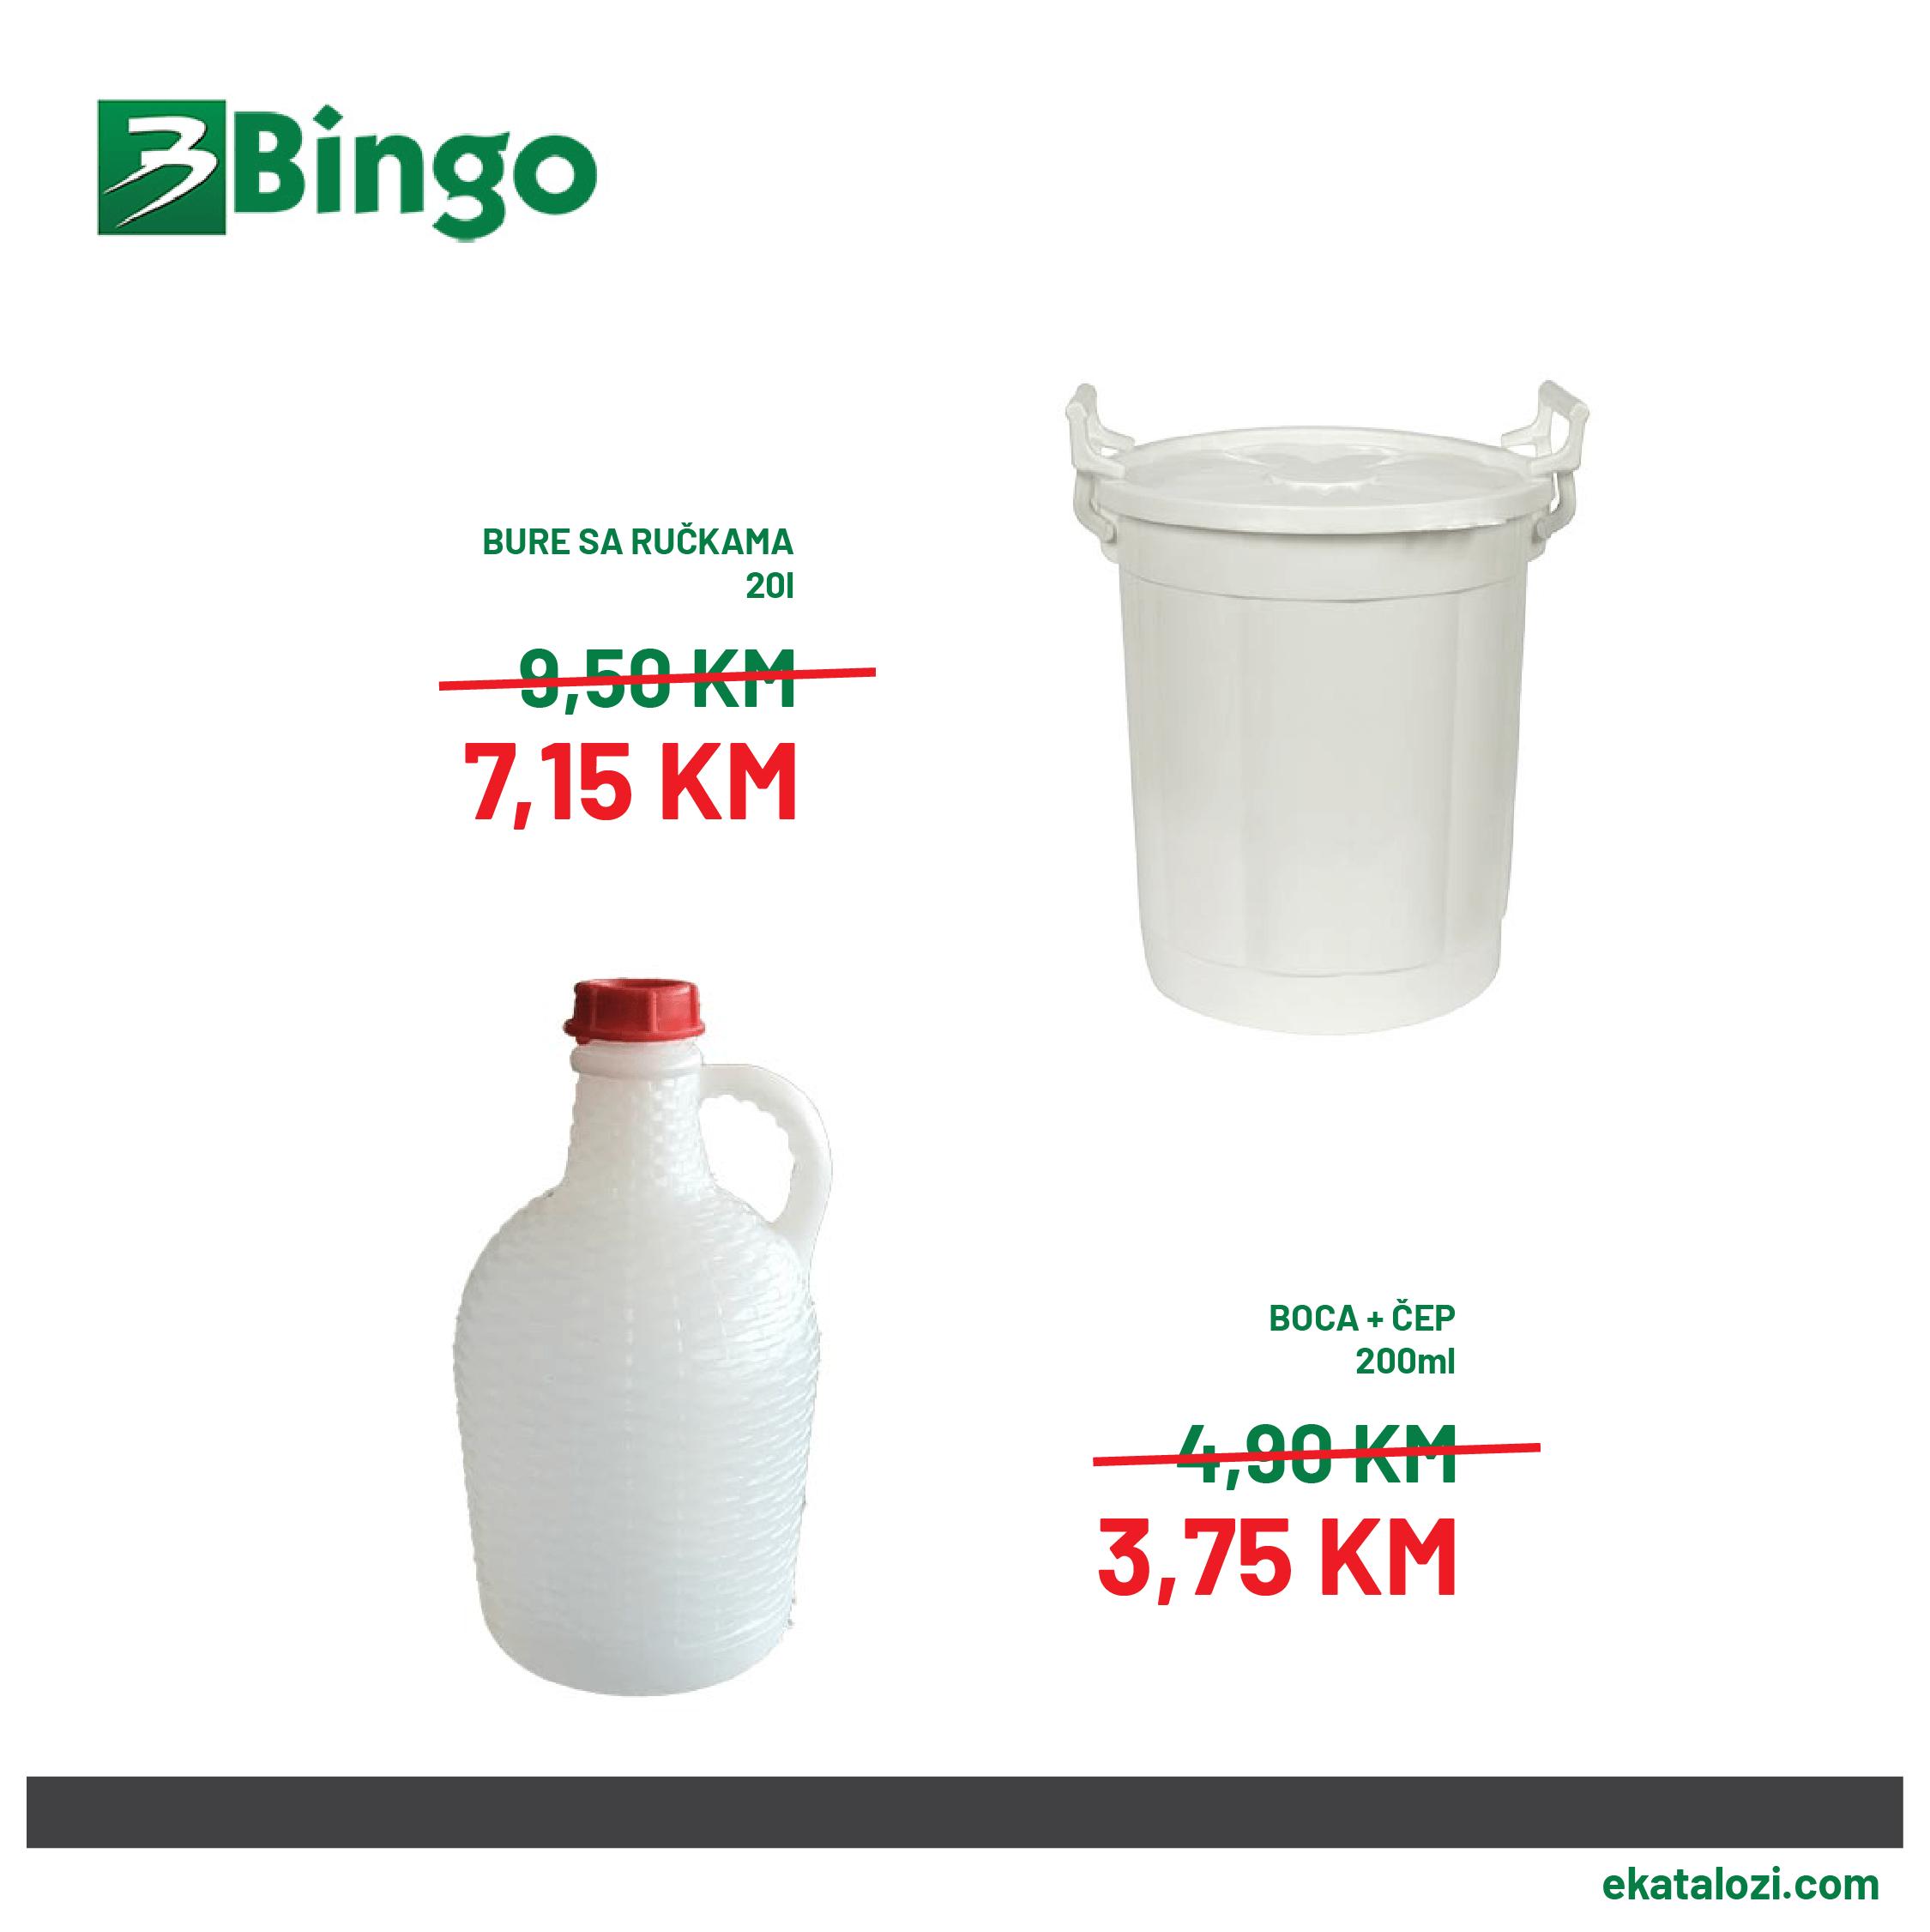 BINGO Super akcija AVGUST 2021 24.8.2021. 26.8.2021 3